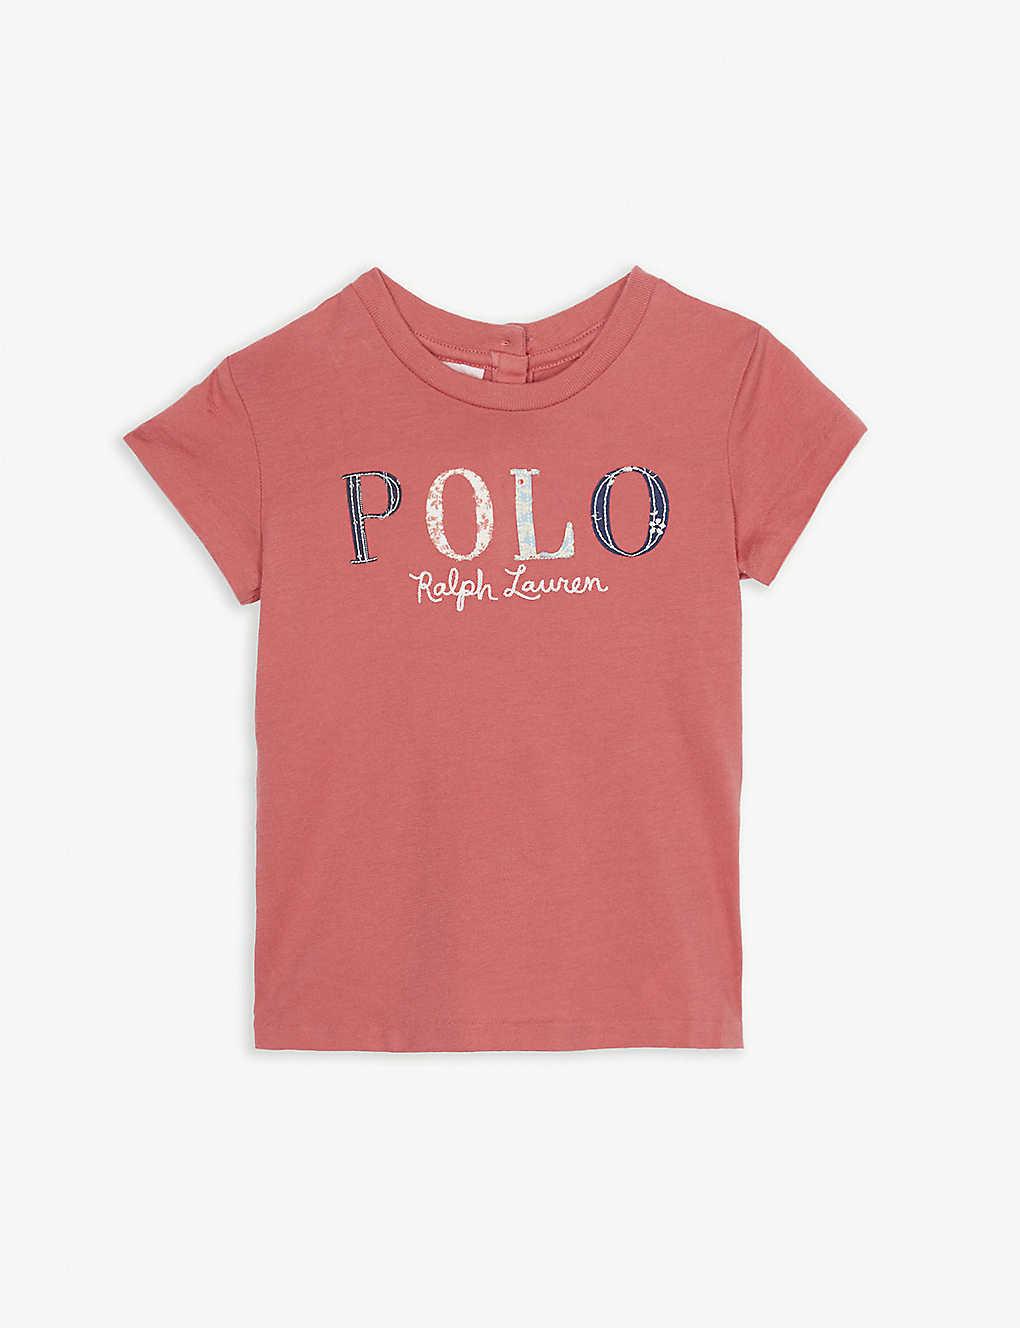 064abd269 Floral-appliqué logo cotton T-shirt 3-24 months - Adirondack berry ...